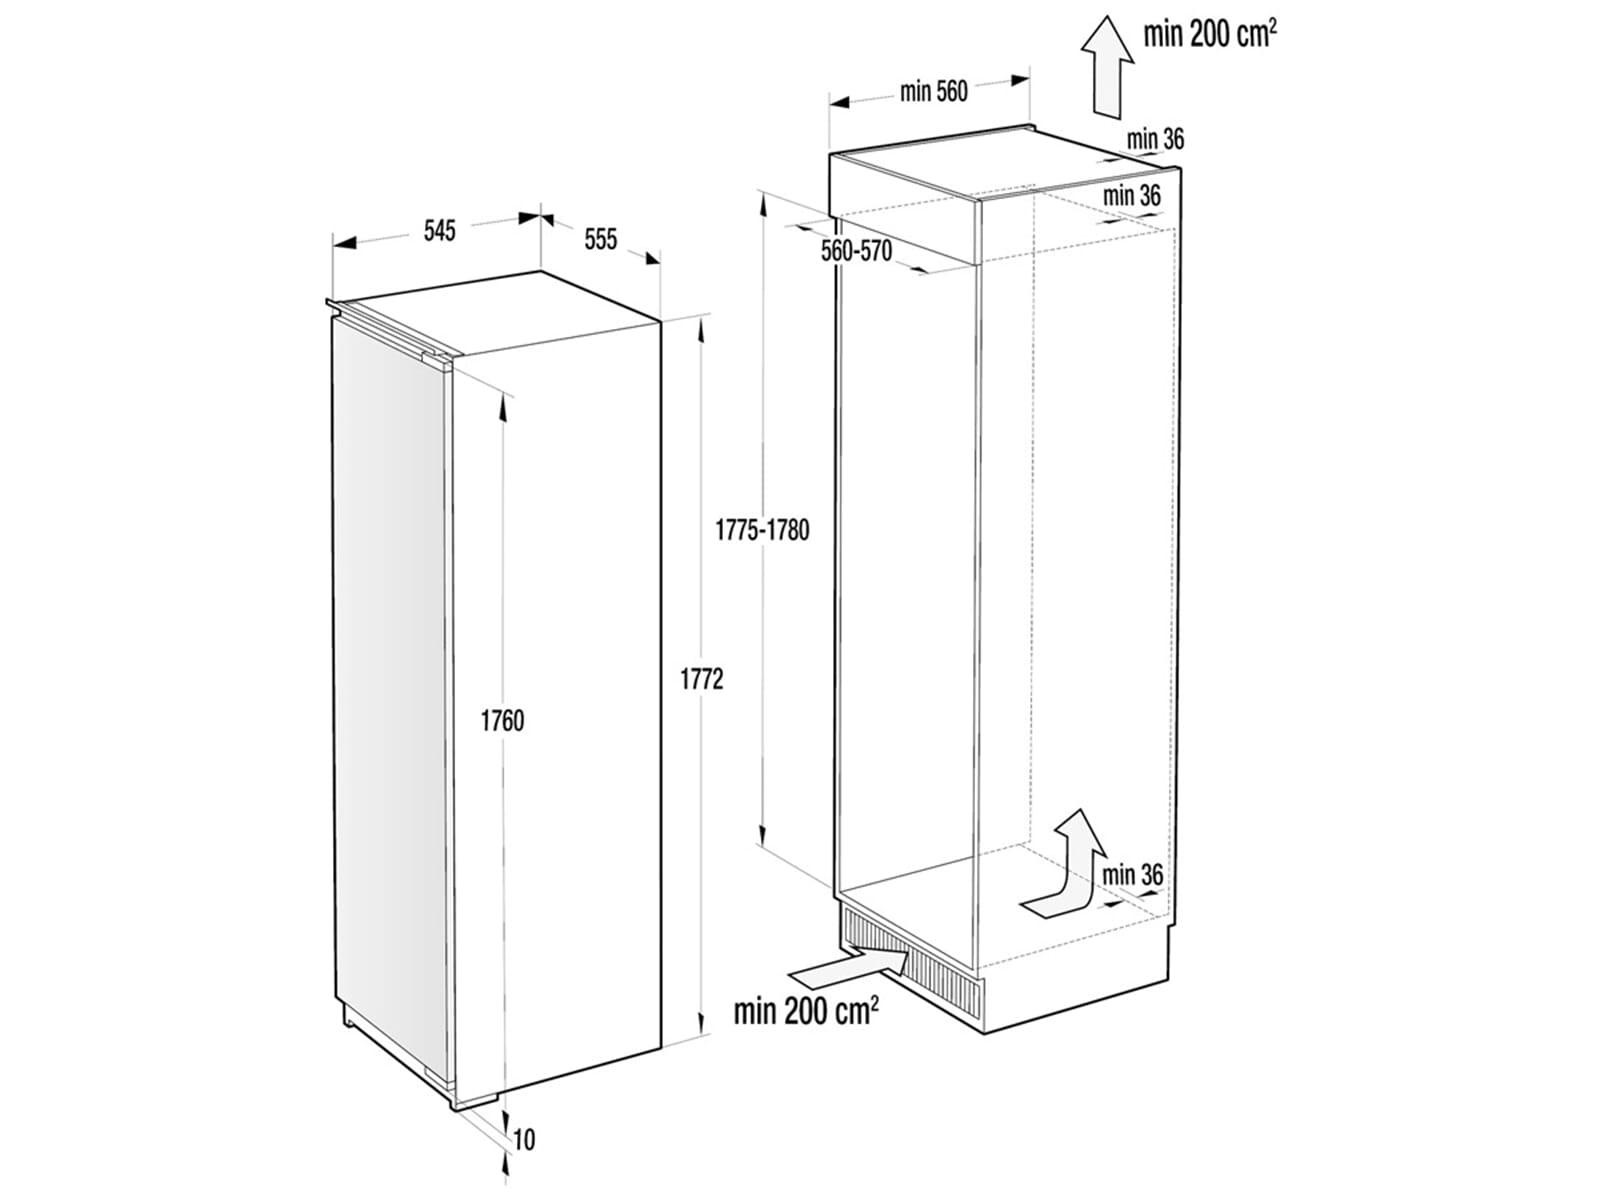 gorenje rbi 5182 e1 einbauk hlschrank mit gefrierfach. Black Bedroom Furniture Sets. Home Design Ideas